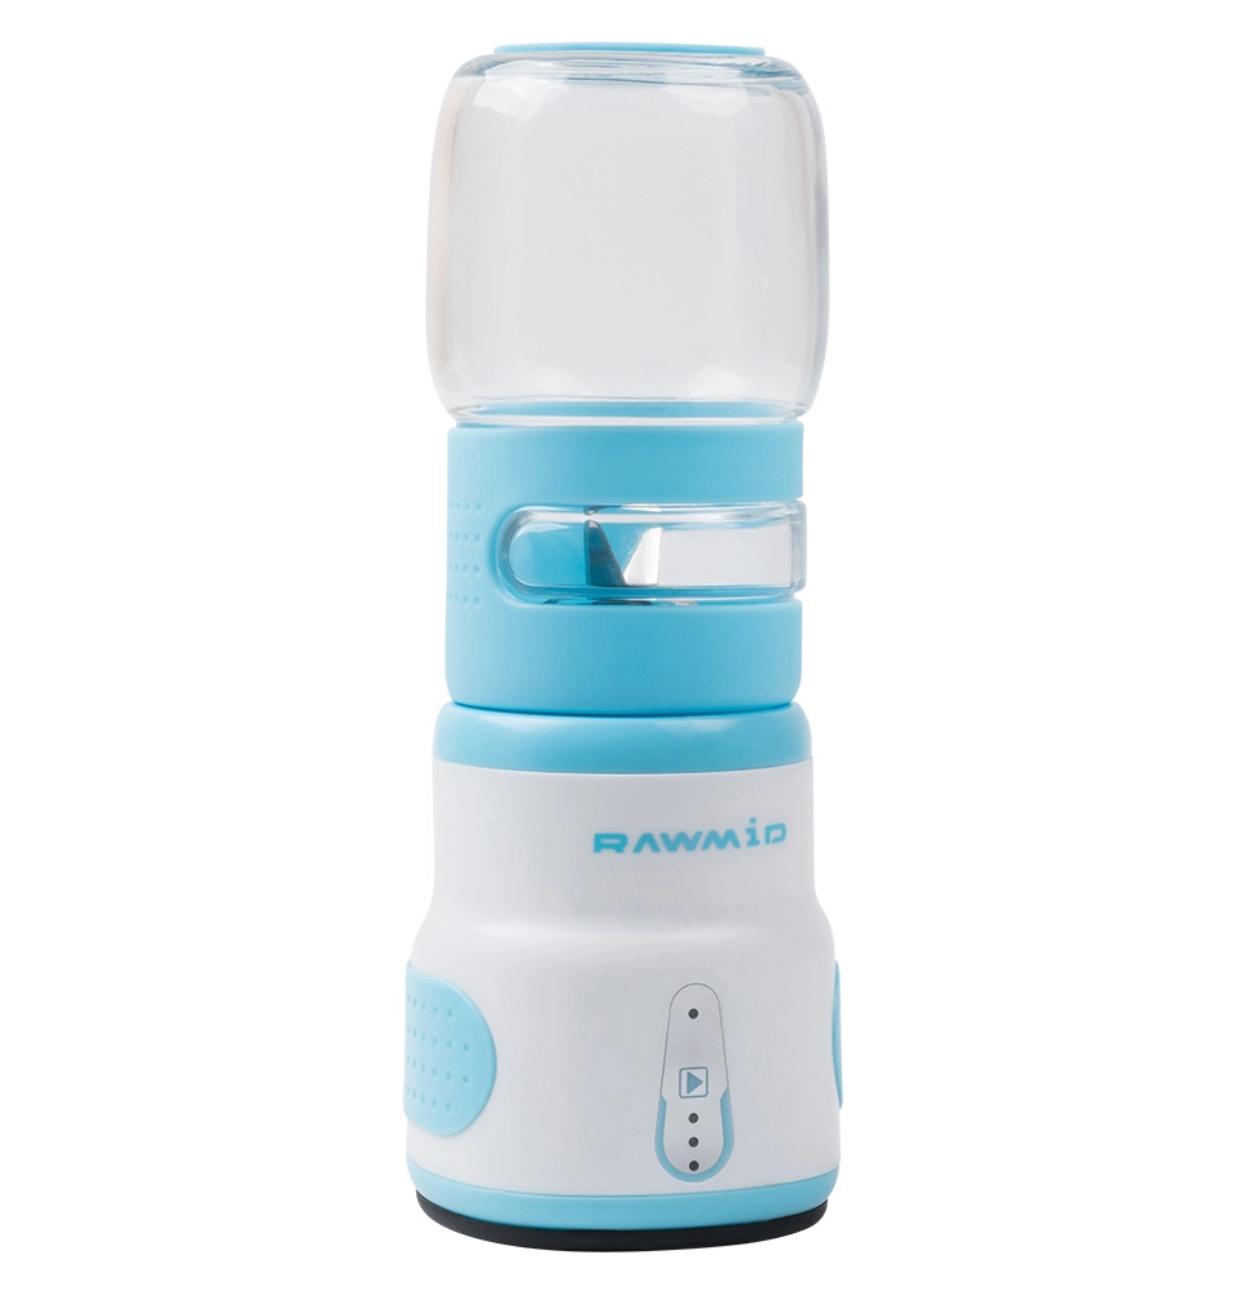 Персональные мини-блендеры Портативный USB блендер RAWMID Portable RPB-03 2019-11-26_17-01-13.png